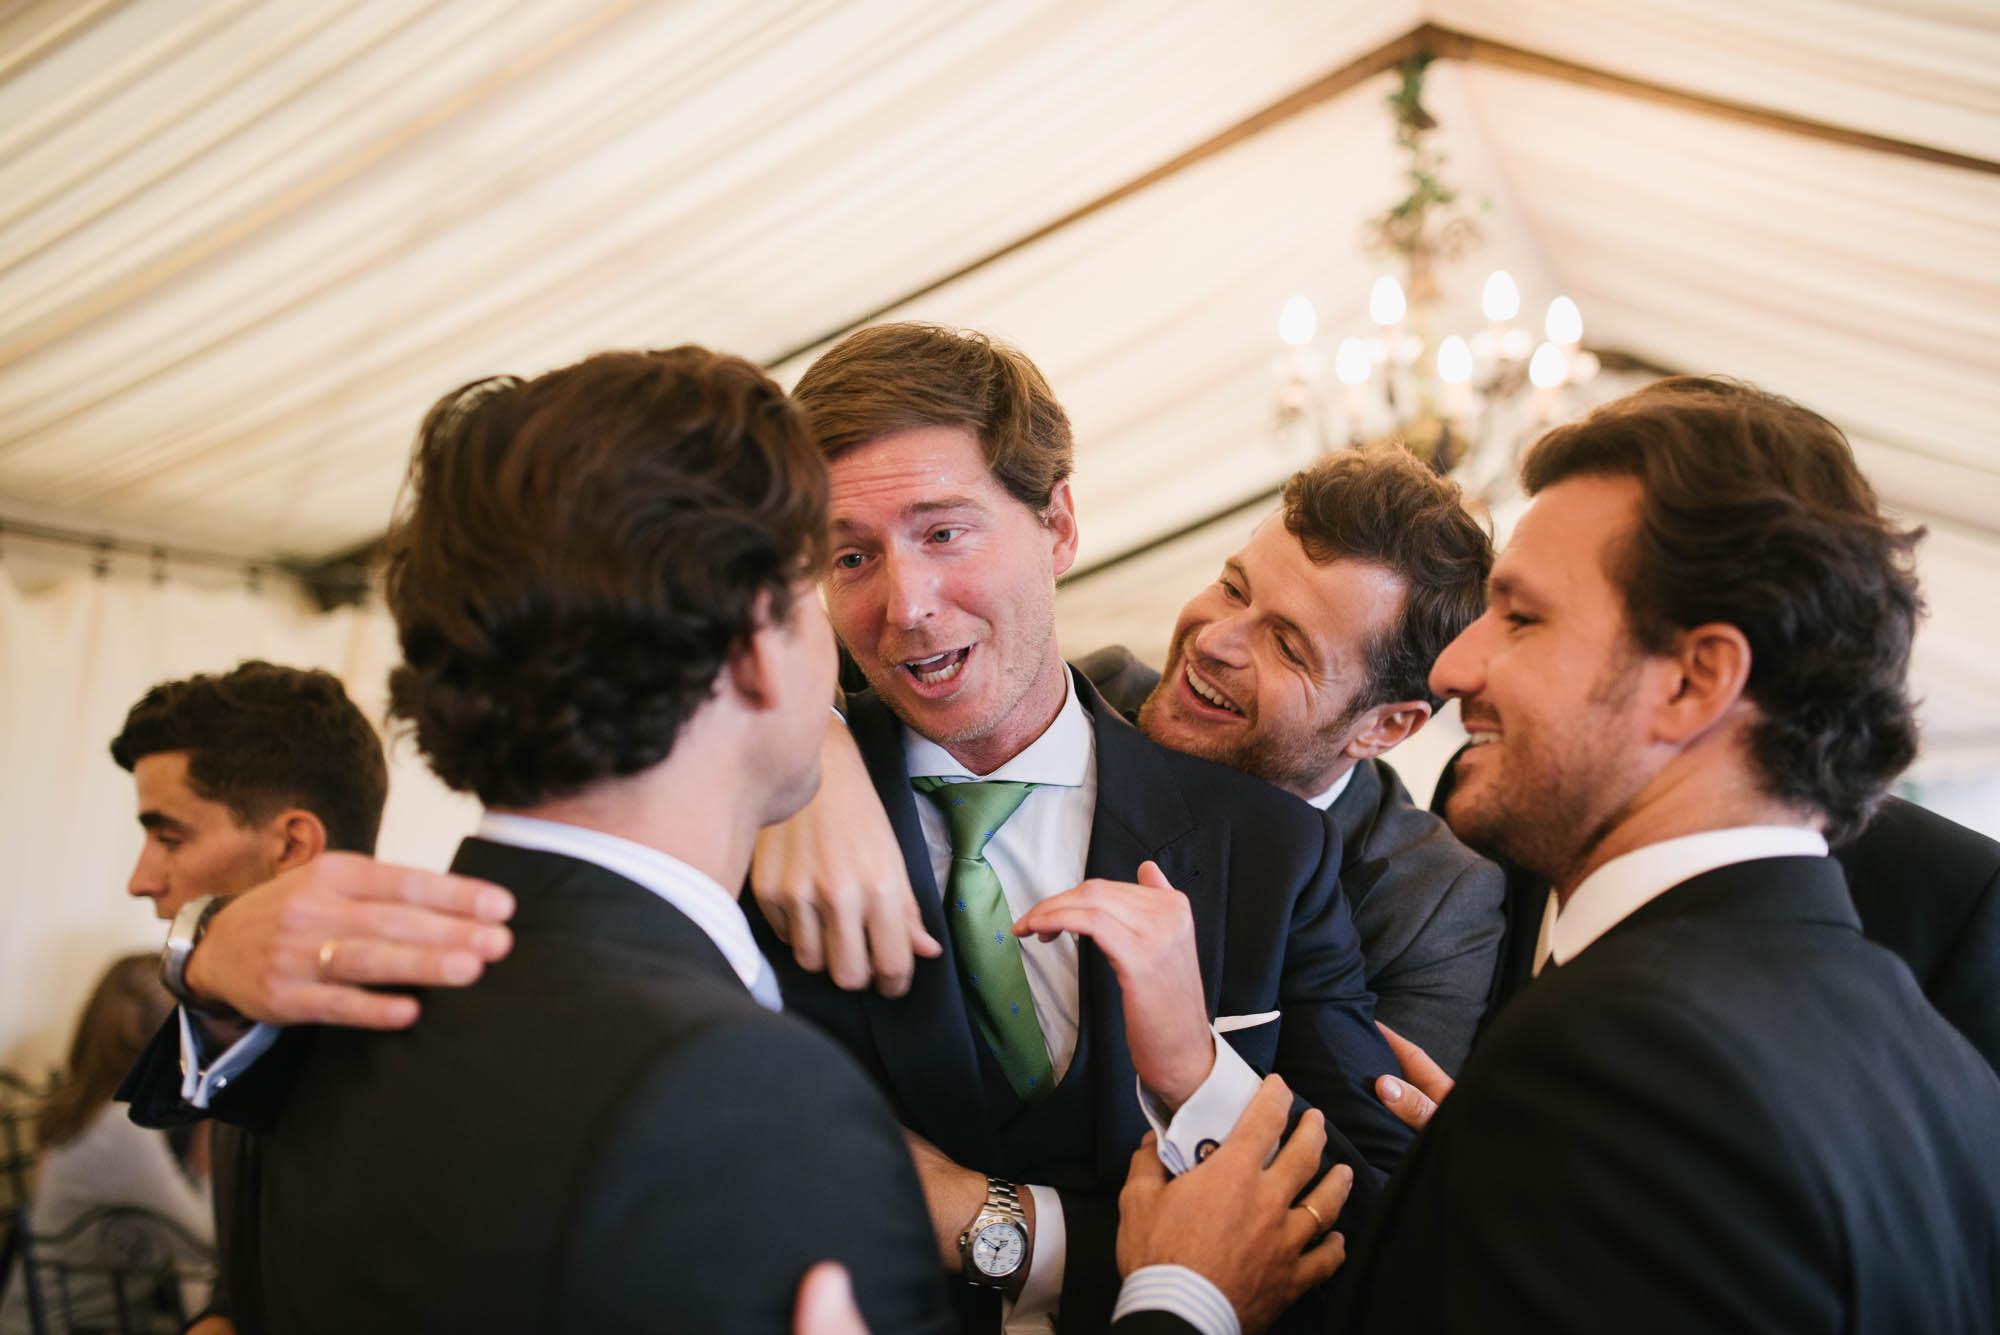 Los invitados saludan al novio en la boda